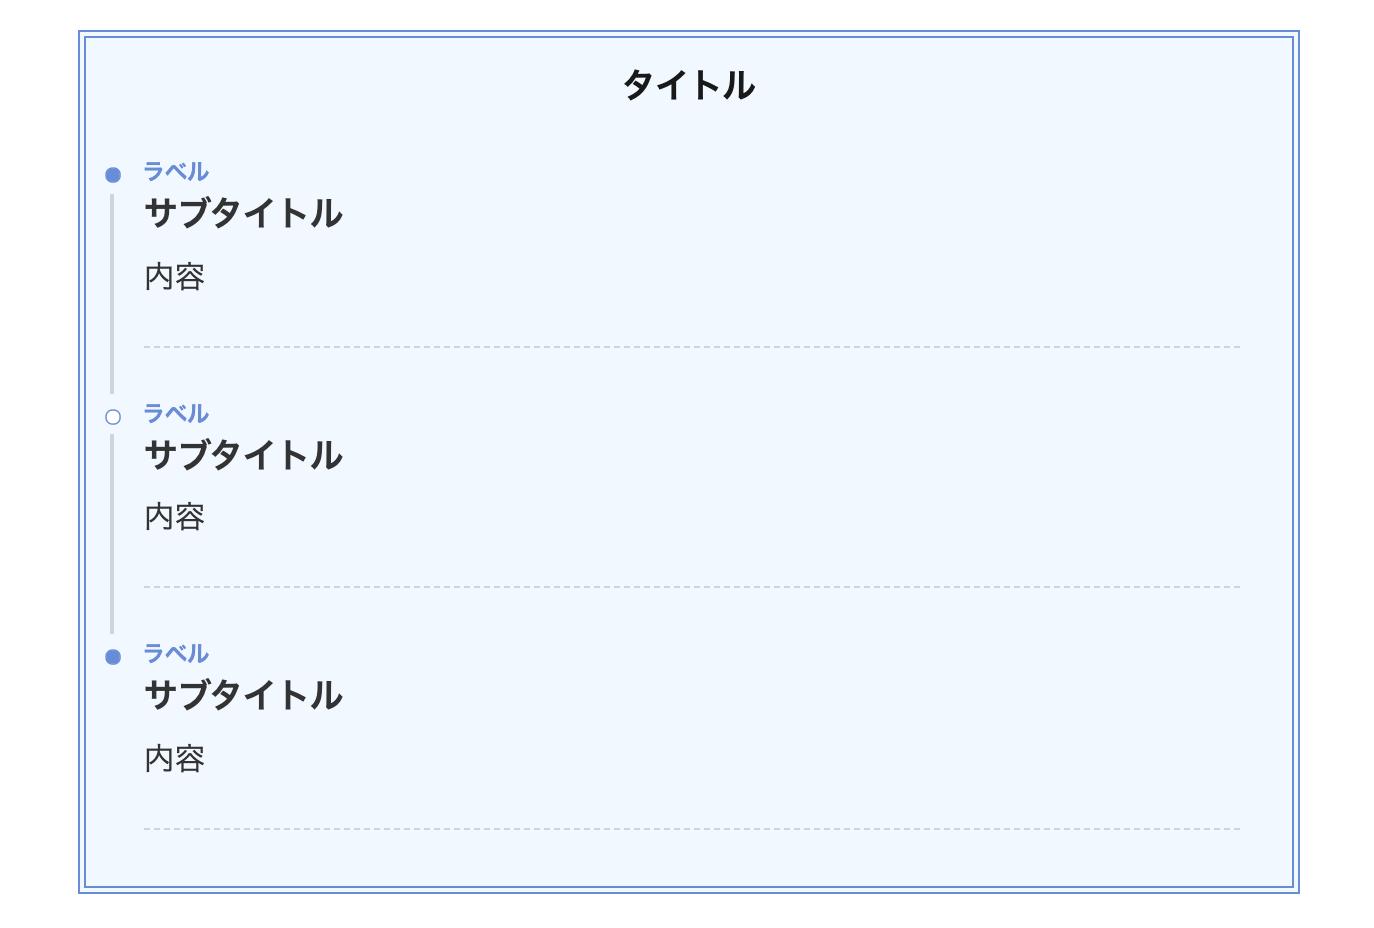 シンプルタイムライン(二重線)